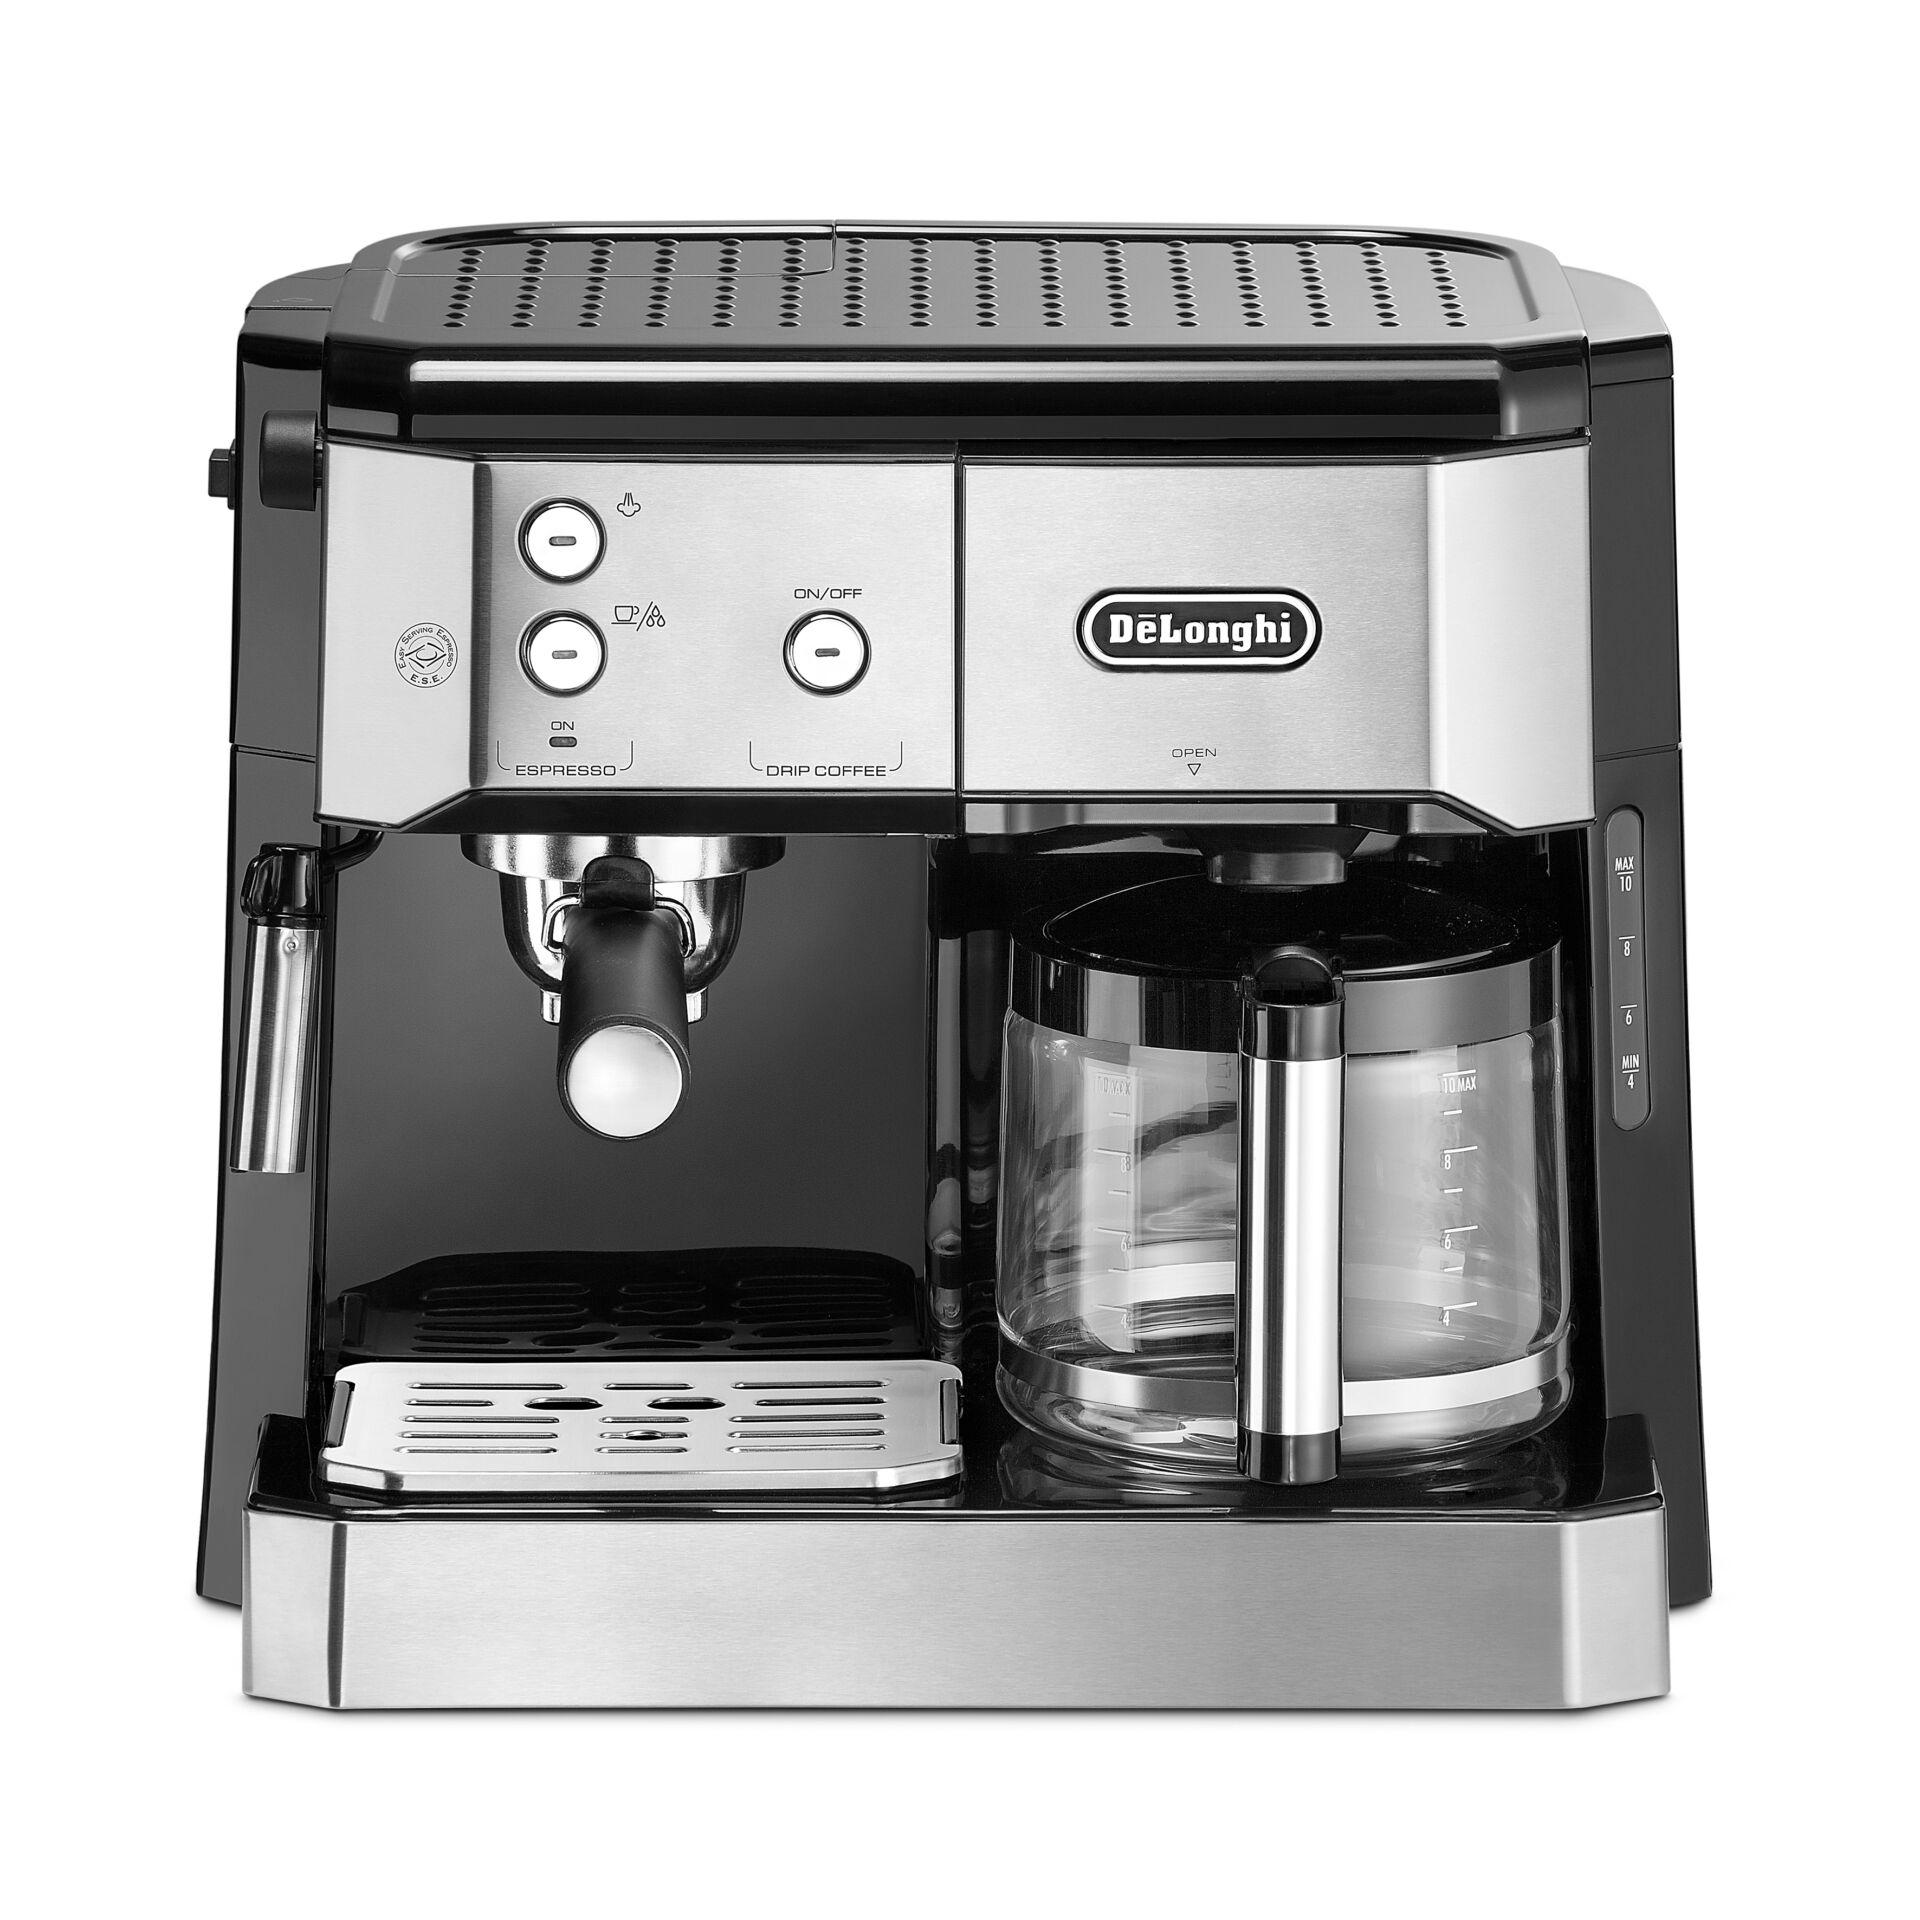 DeLonghi BCO421.S Espresso-Siebträger